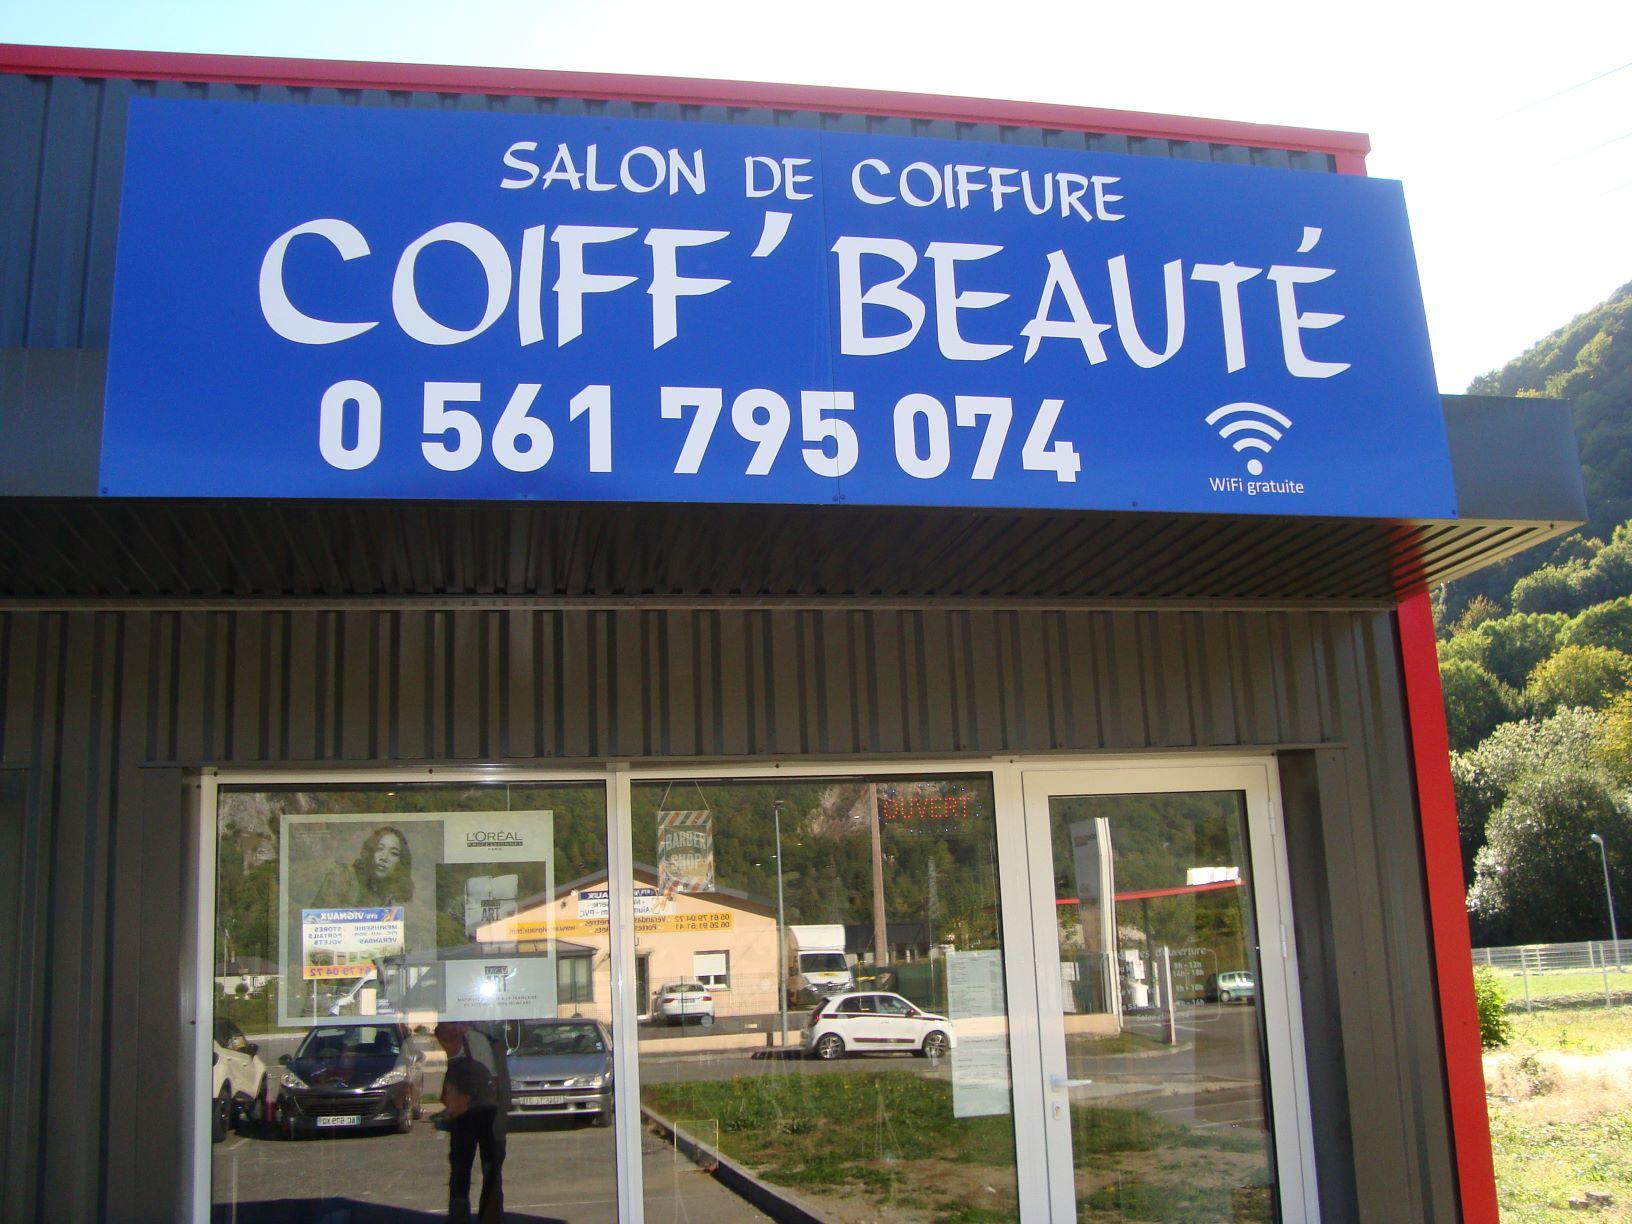 salon de coiffure coiff'beaute